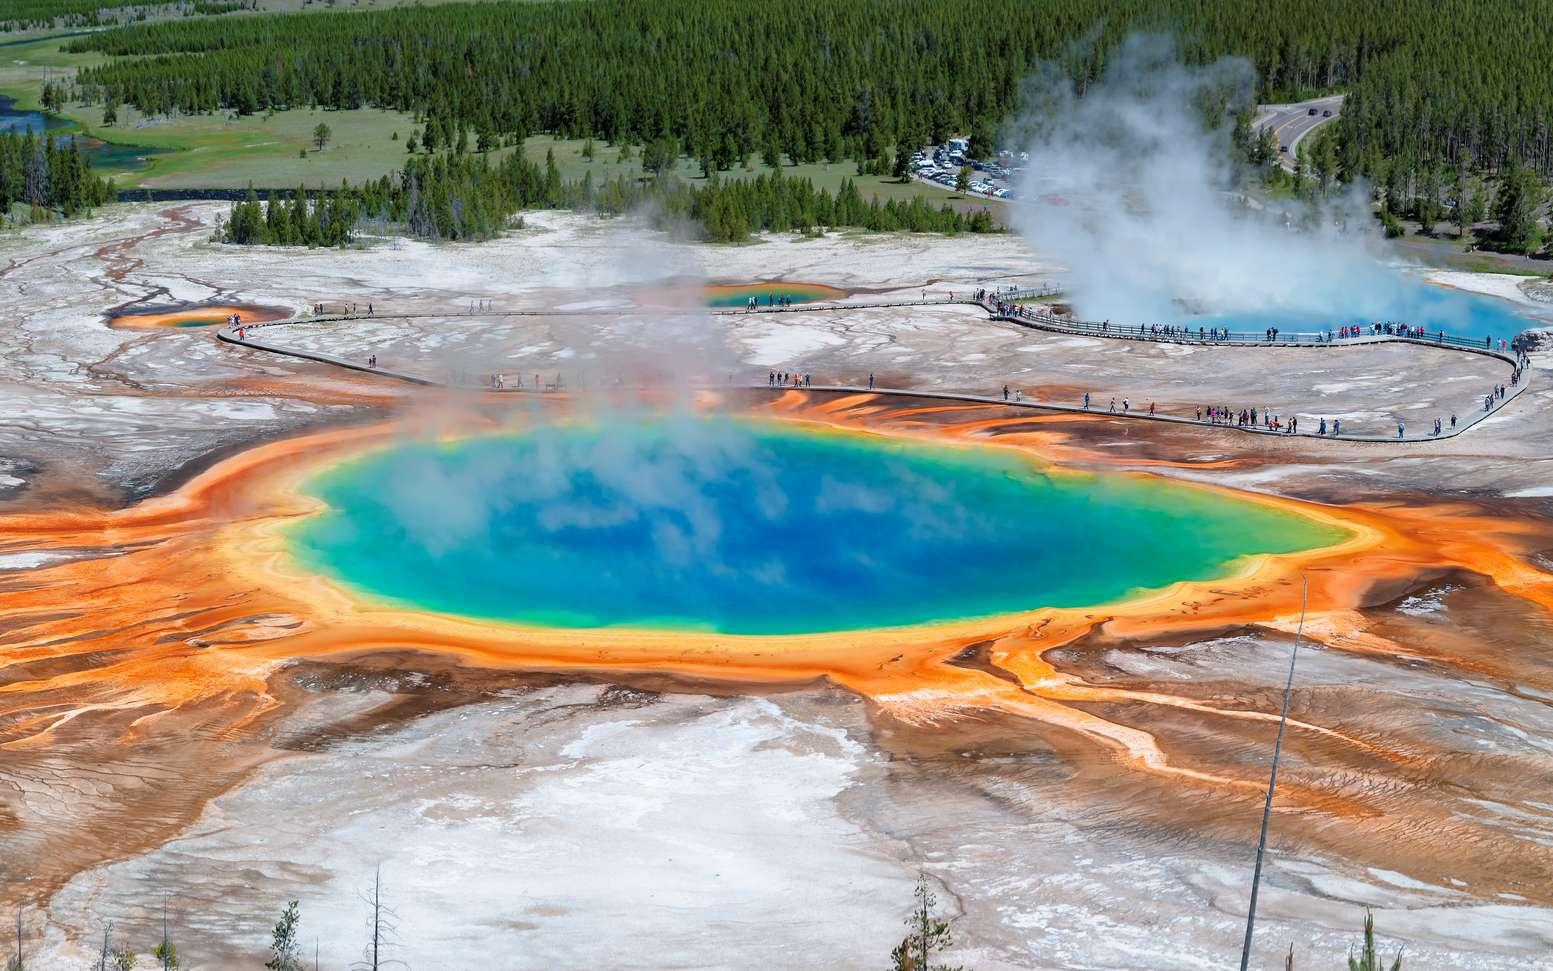 Panorama sur le bassin d'eau chauffée Grand Prismatic Spring à Yellowstone. La caldeira de Yellowstone est le plus grand système volcanique d'Amérique du Nord. Il appartient à la catégorie des supervolcans. © lucky-photo, fotolia